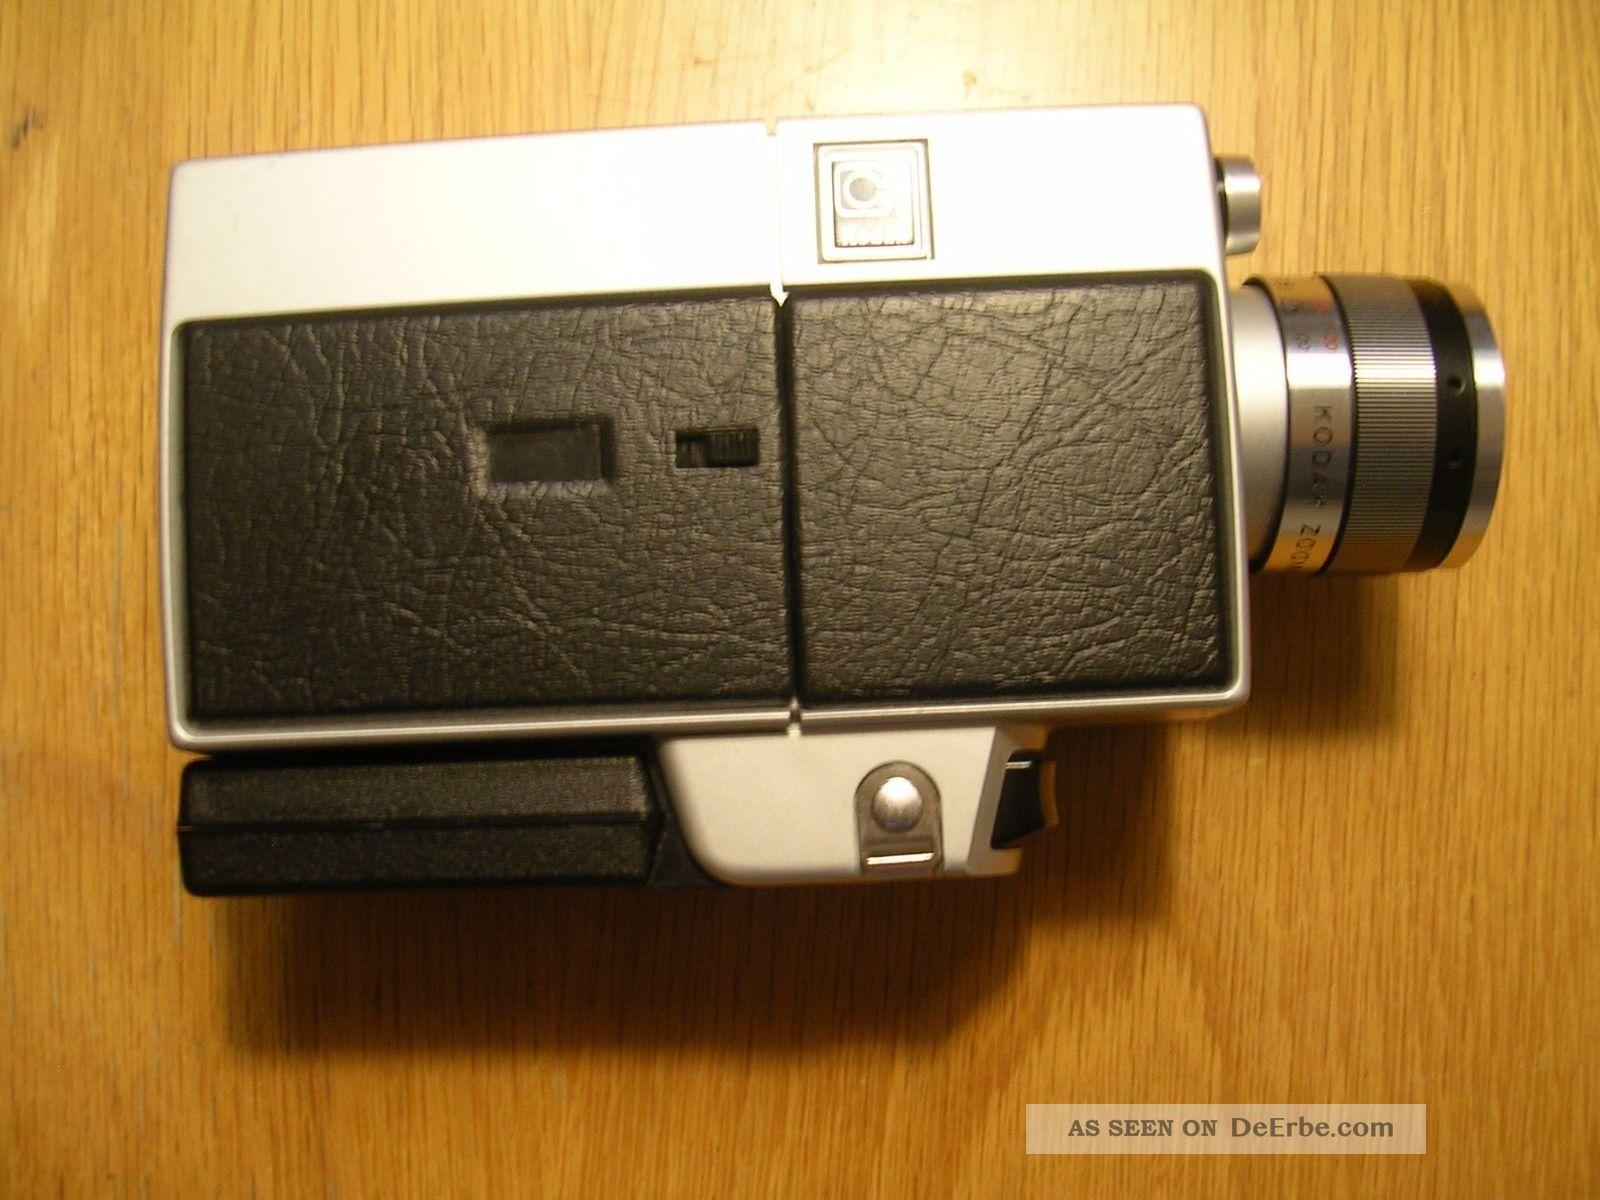 kodak m30 instamatic owners manual professional user manual ebooks u2022 rh gogradresumes com 80s Kodak Cameras Kodak Instant Camera